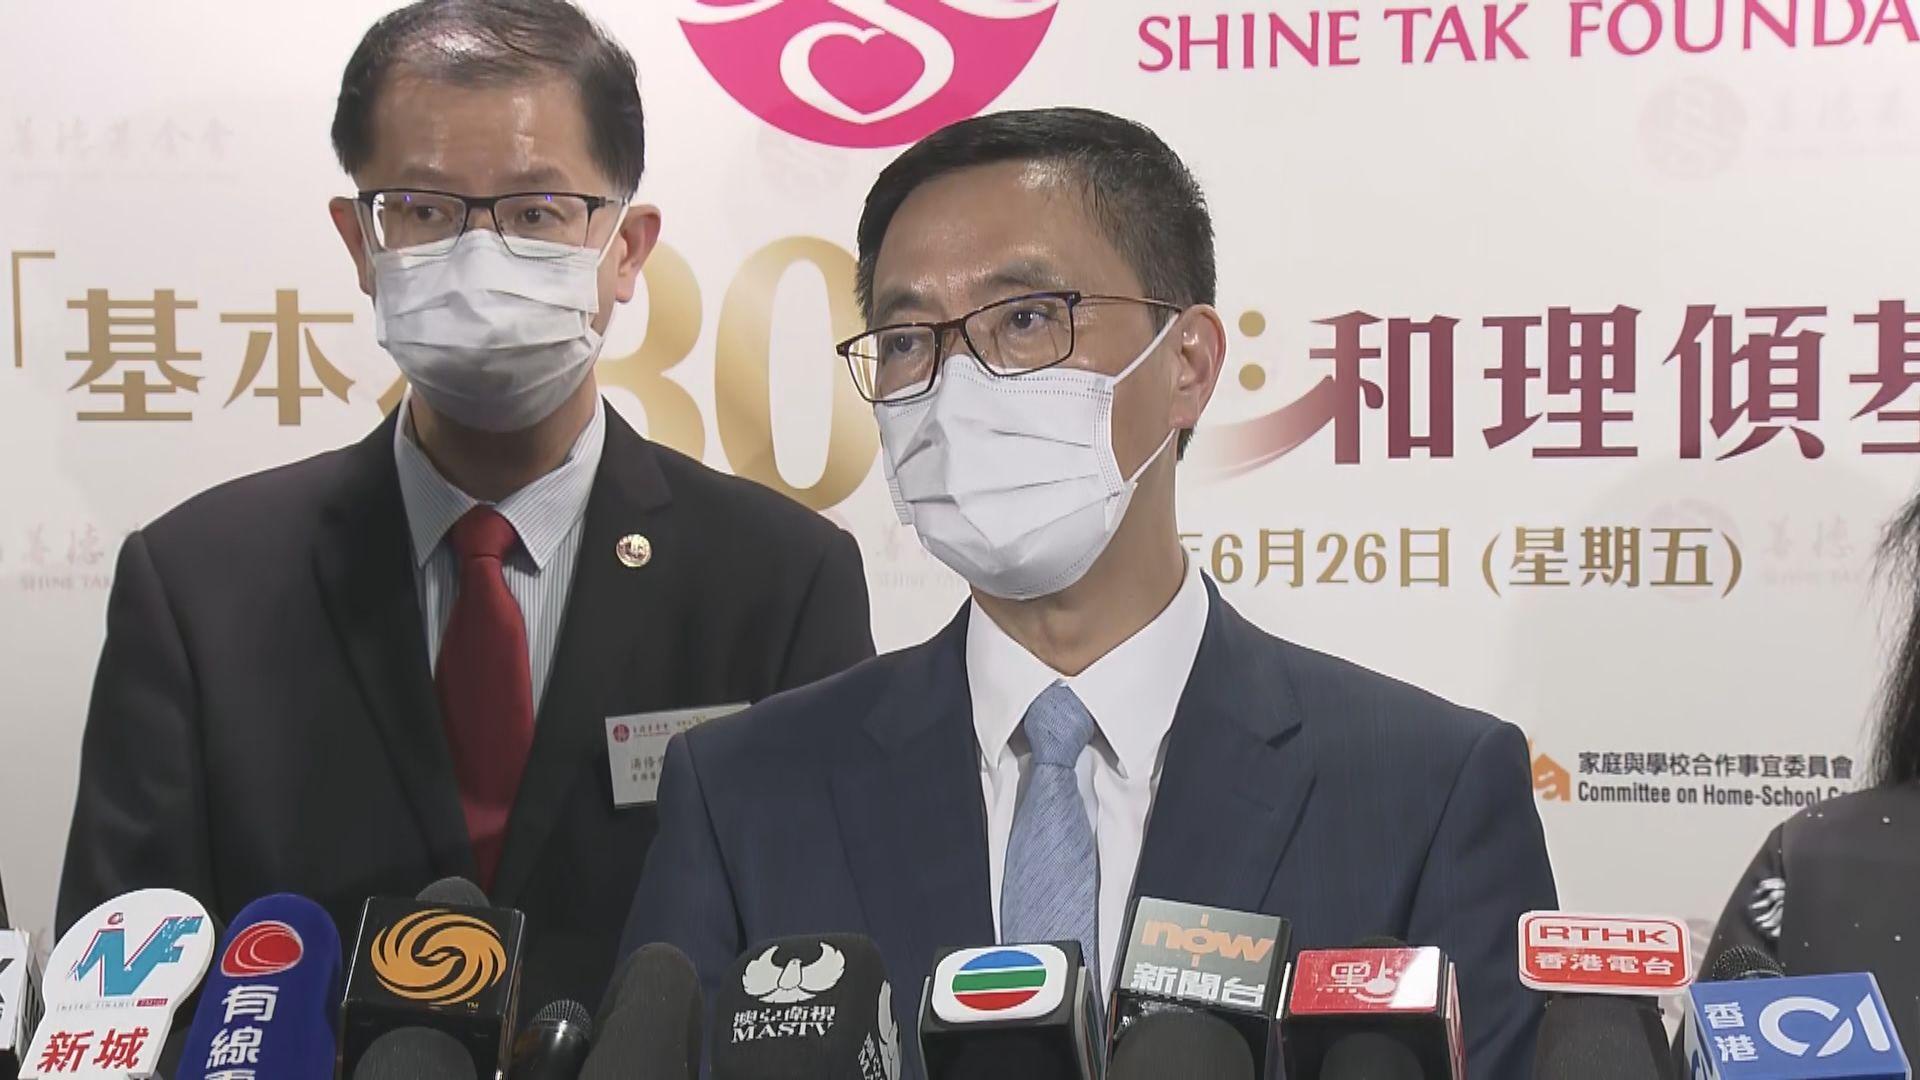 楊潤雄:會檢視如何在課程中加入港區國安法內容